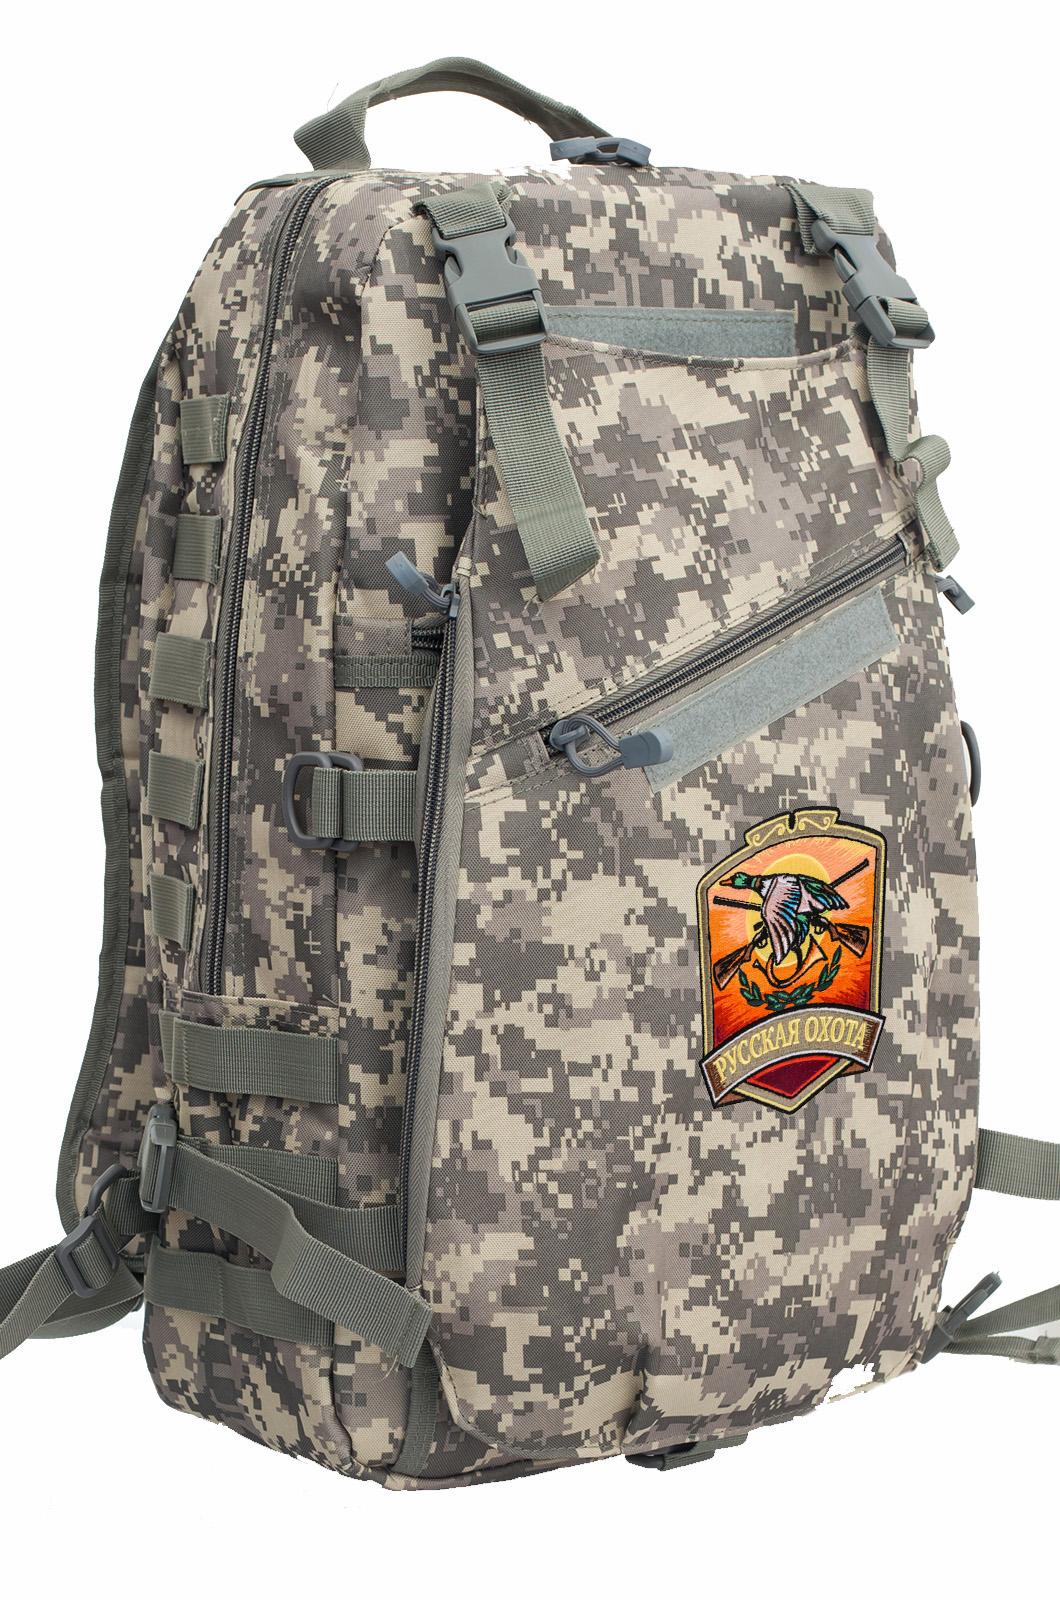 Камуфляжный крутой рюкзак с нашивкой Русская Охота - заказать в розницу